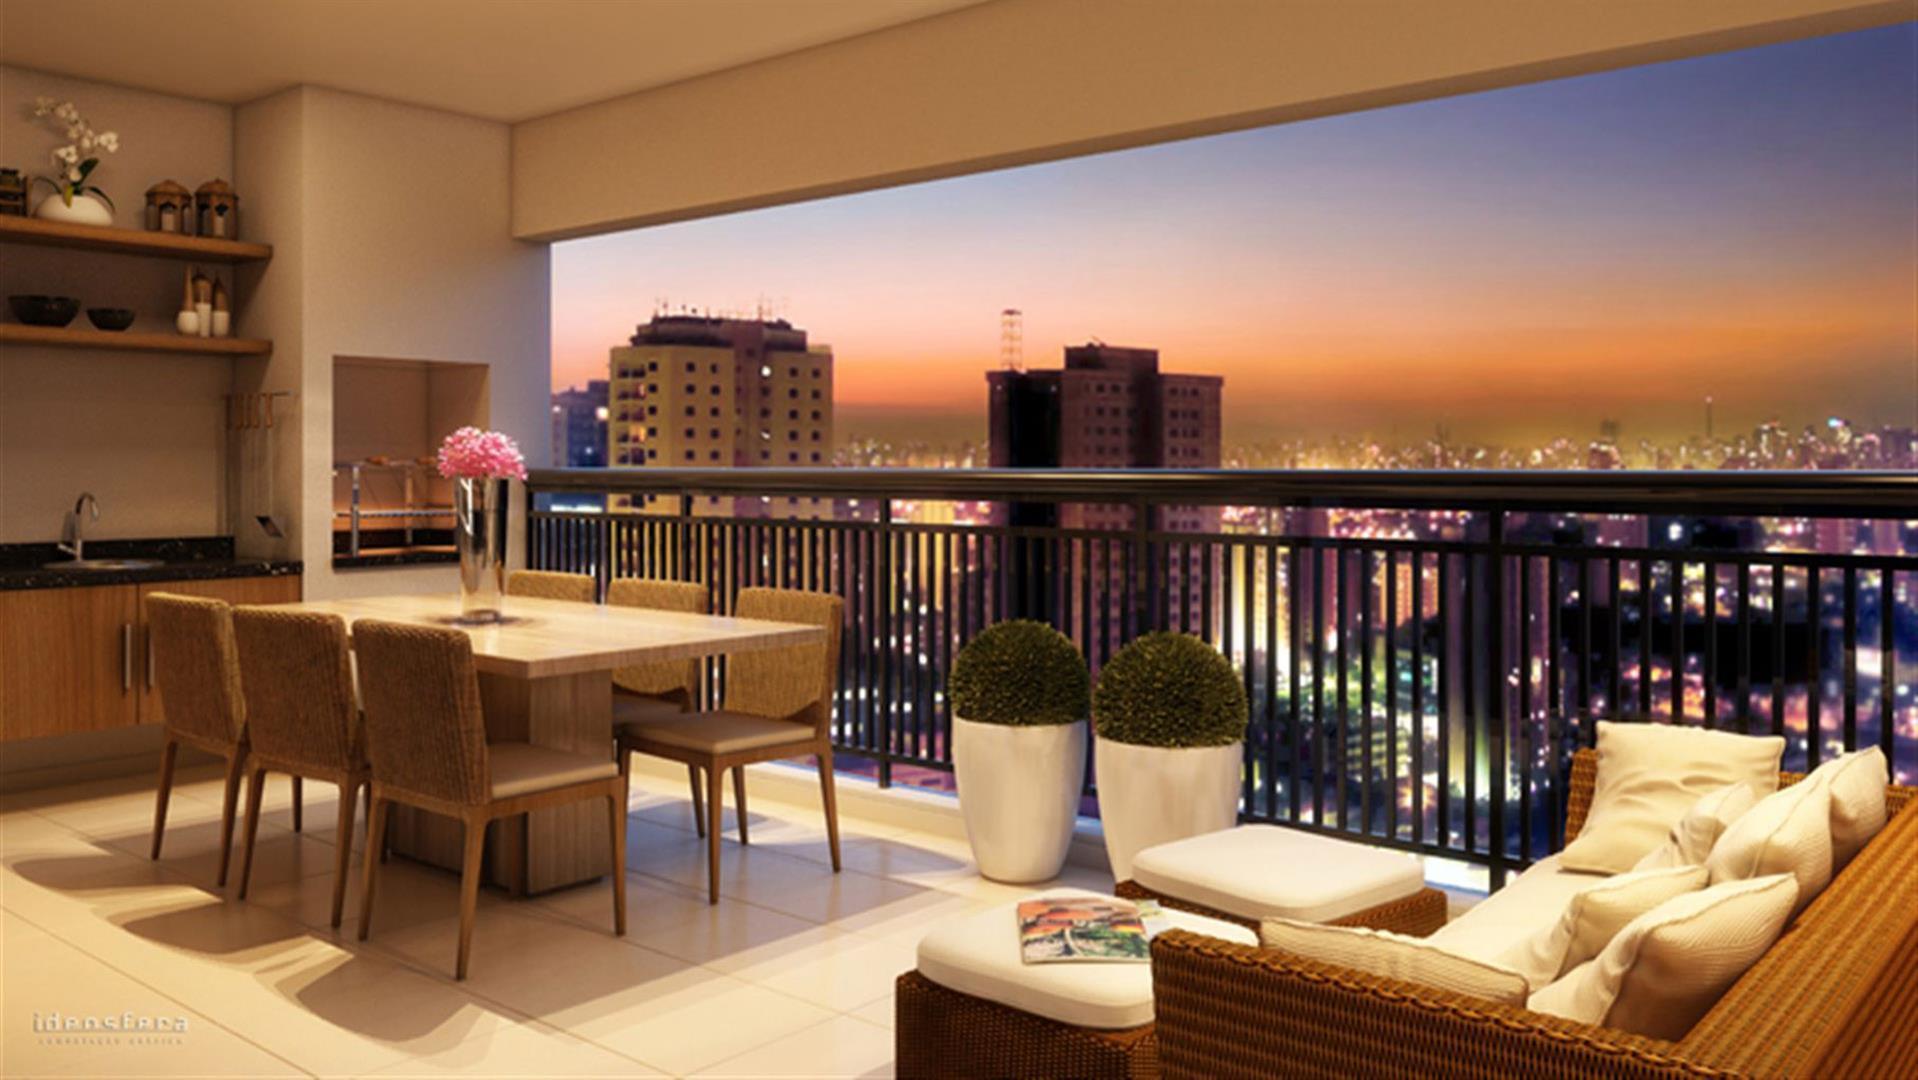 #A67025 apartamento em São Bernardo São Bernardo do Campo sp 1918x1080 píxeis em Apartamento Grande Decorado